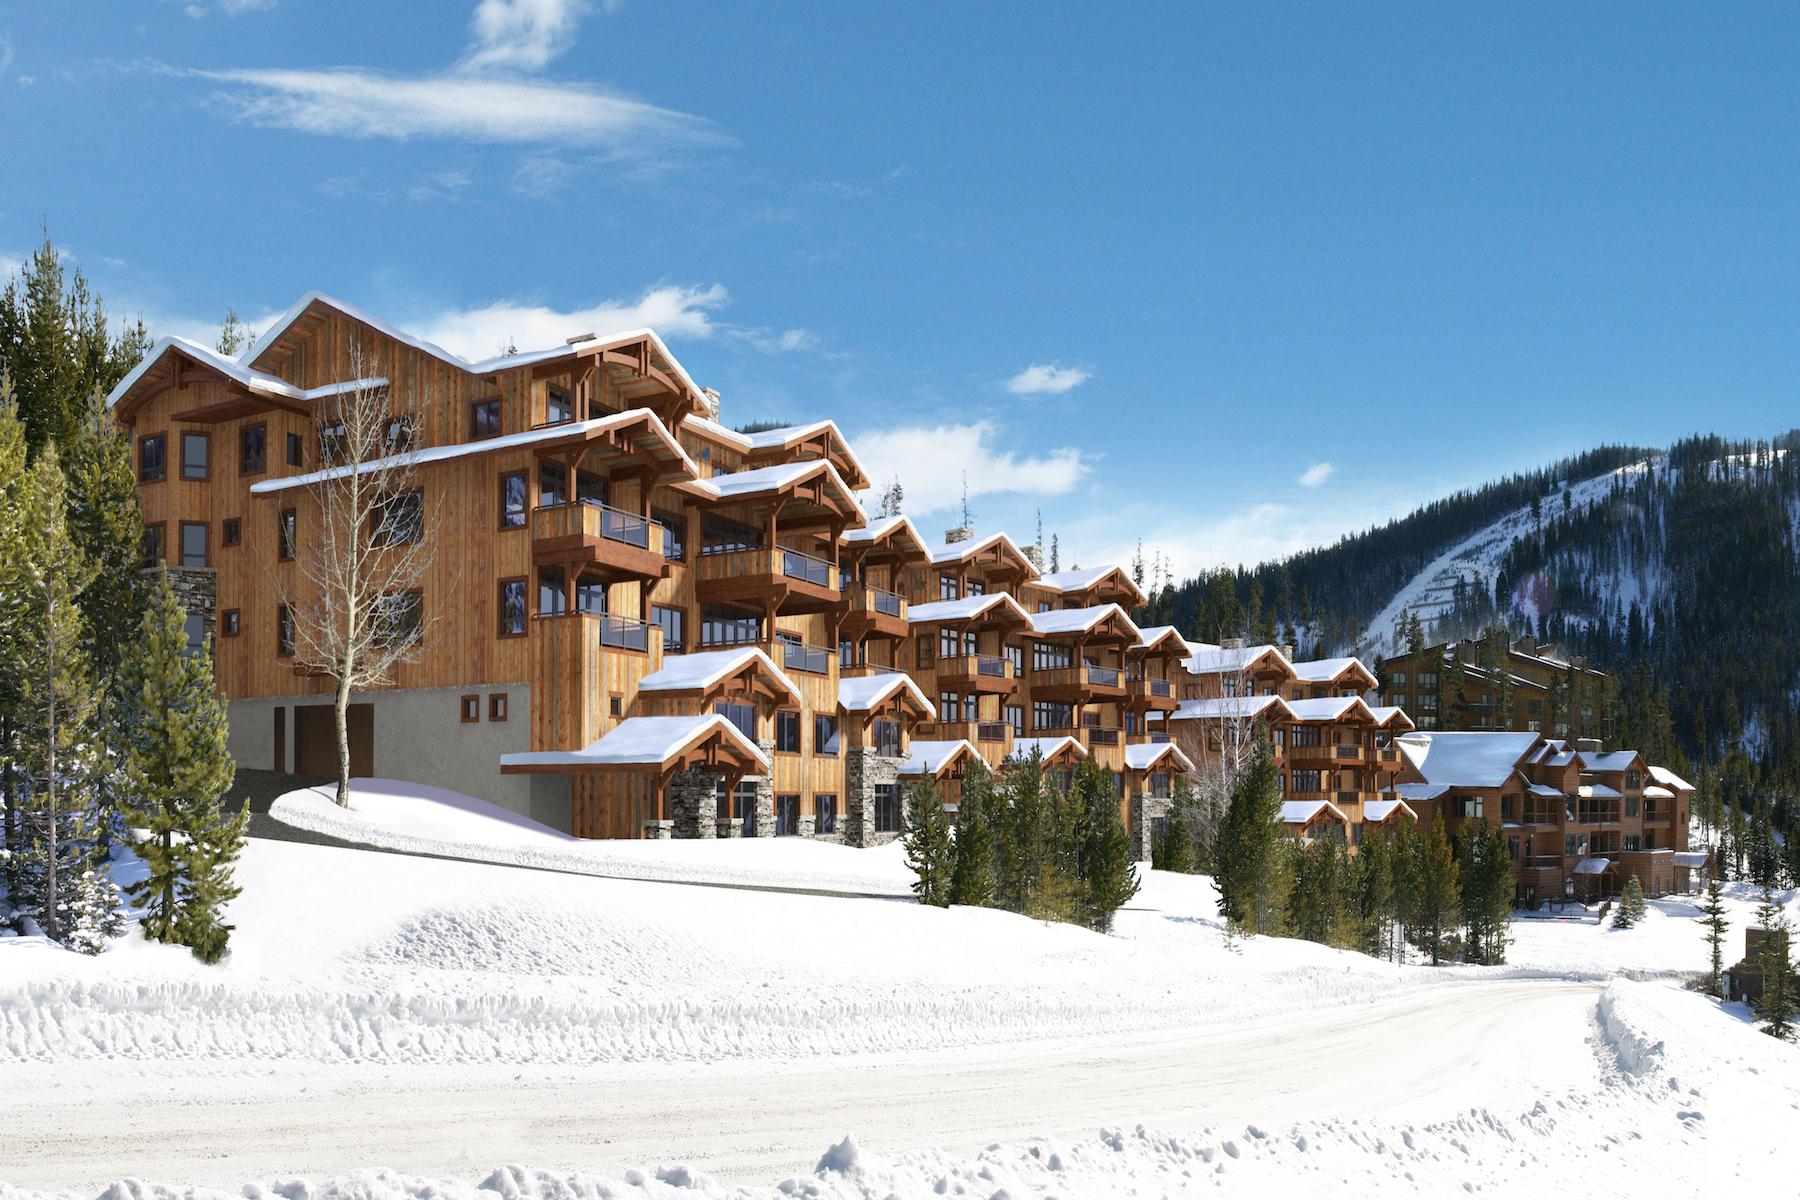 Кооперативная квартира для того Продажа на New Construction Mountain Lake Condo 2 Summit View Road Unit 501 Big Sky, Монтана 59716 Соединенные Штаты